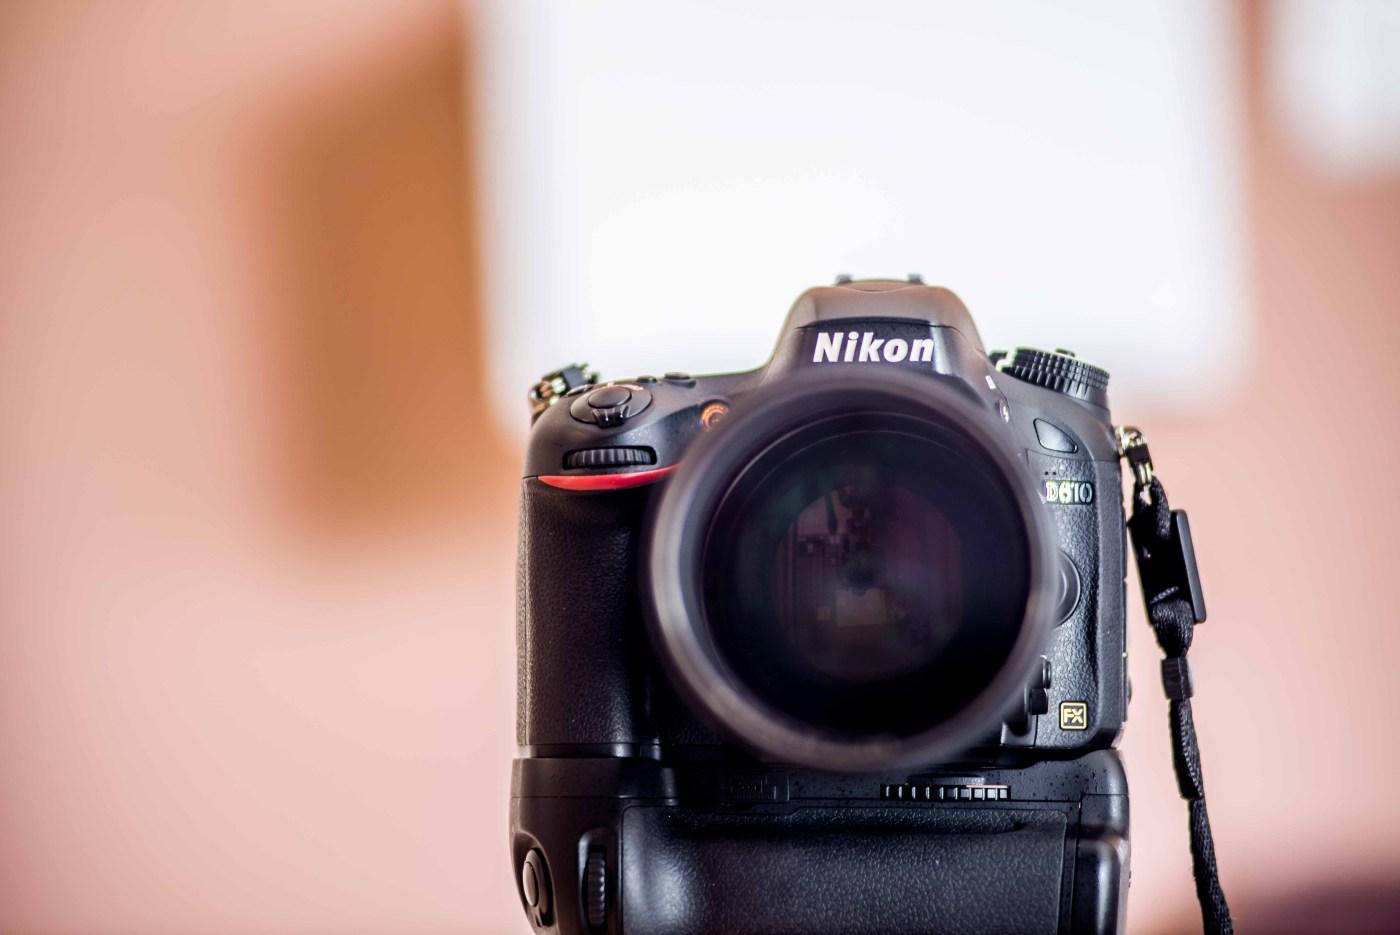 occasion nikon D610 ici et la bas blog voyage tutoriel photo materiel d'occasion